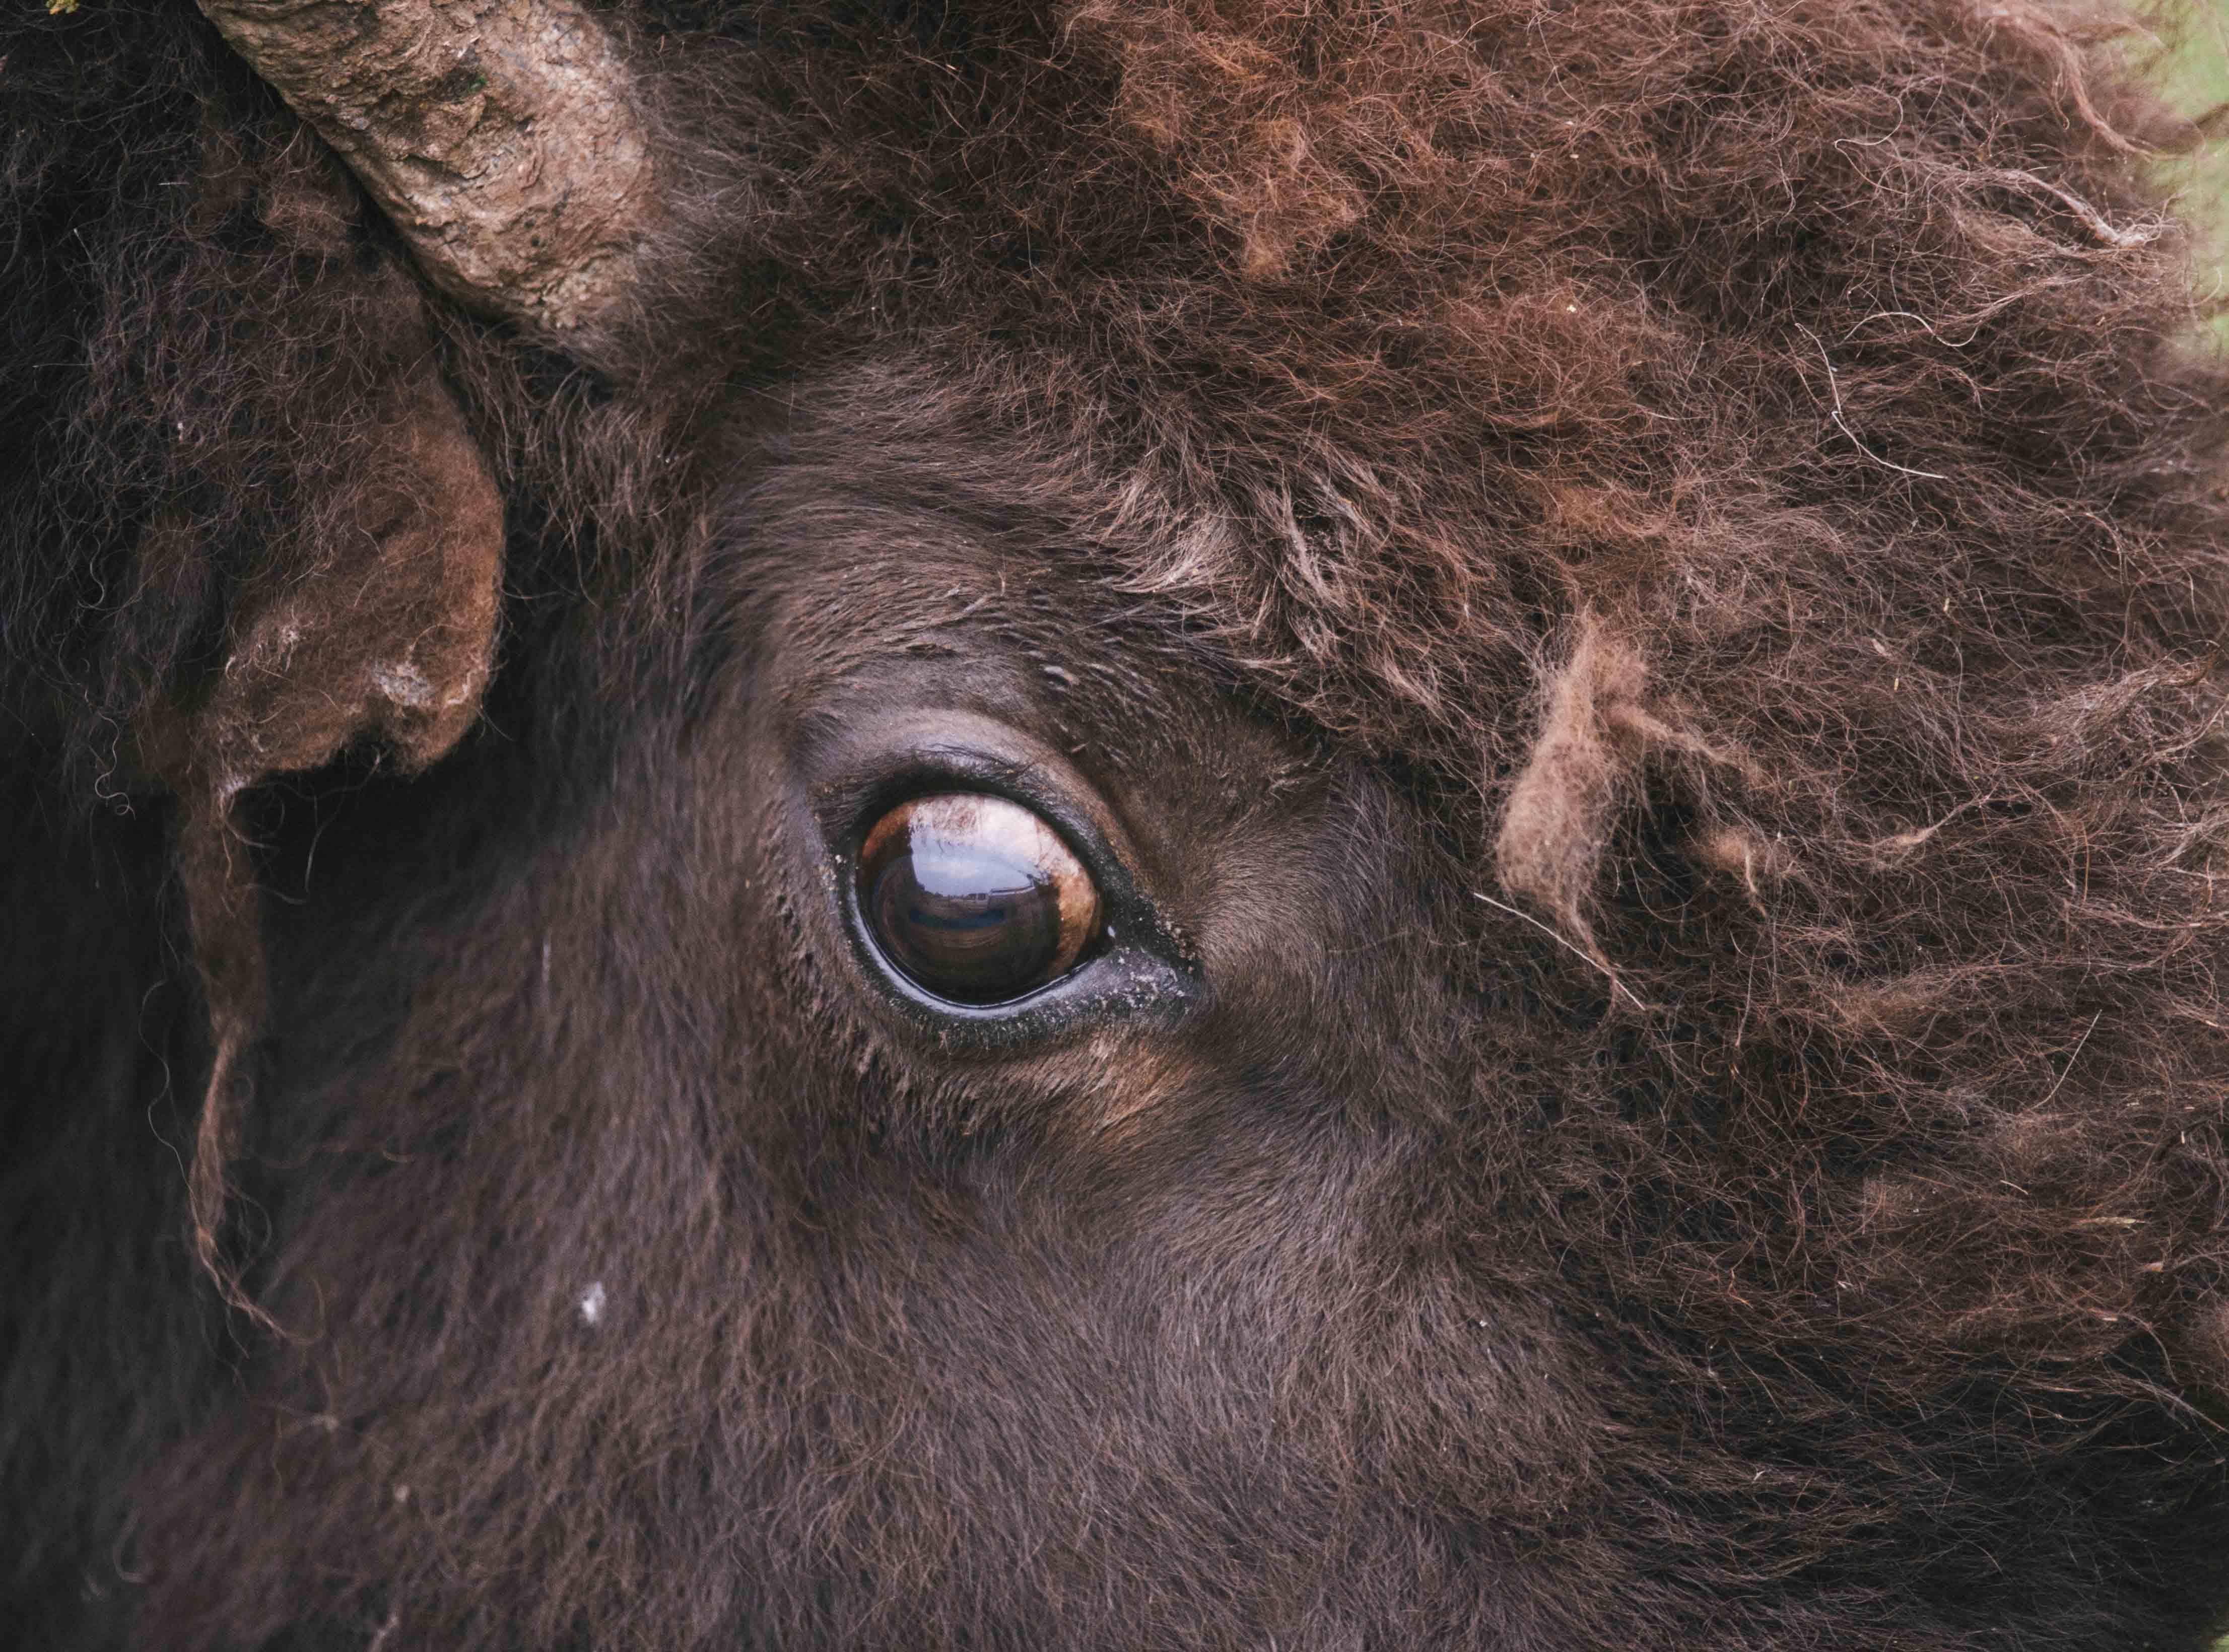 bison eye close up